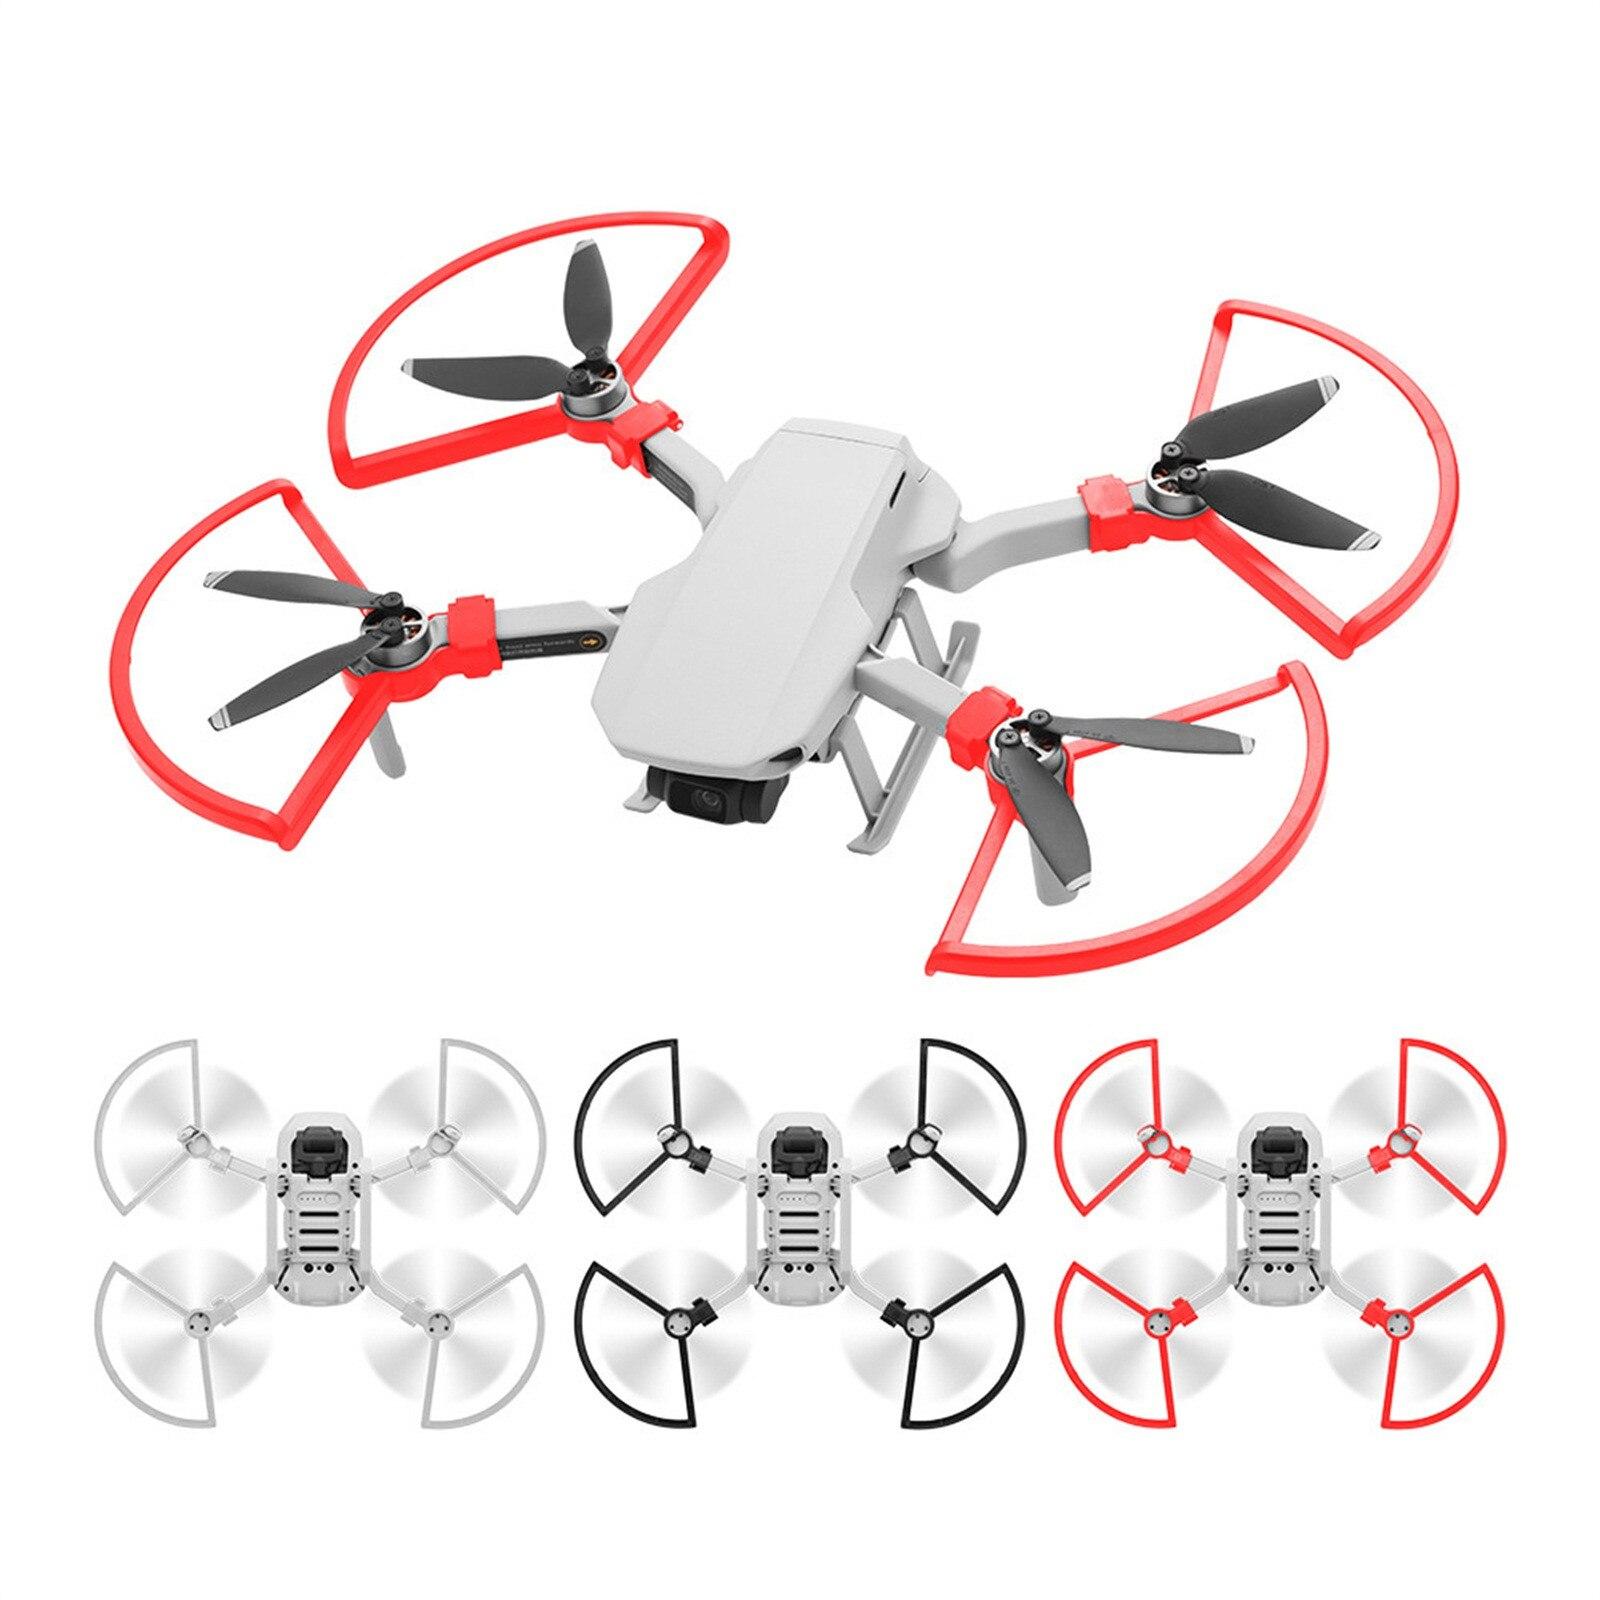 protectores-de-utileria-de-liberacion-rapida-para-ninos-juguetes-de-gran-oferta-para-dji-mavic-mini-2-drone-zabawki-dla-dzireci-l35-4-uds